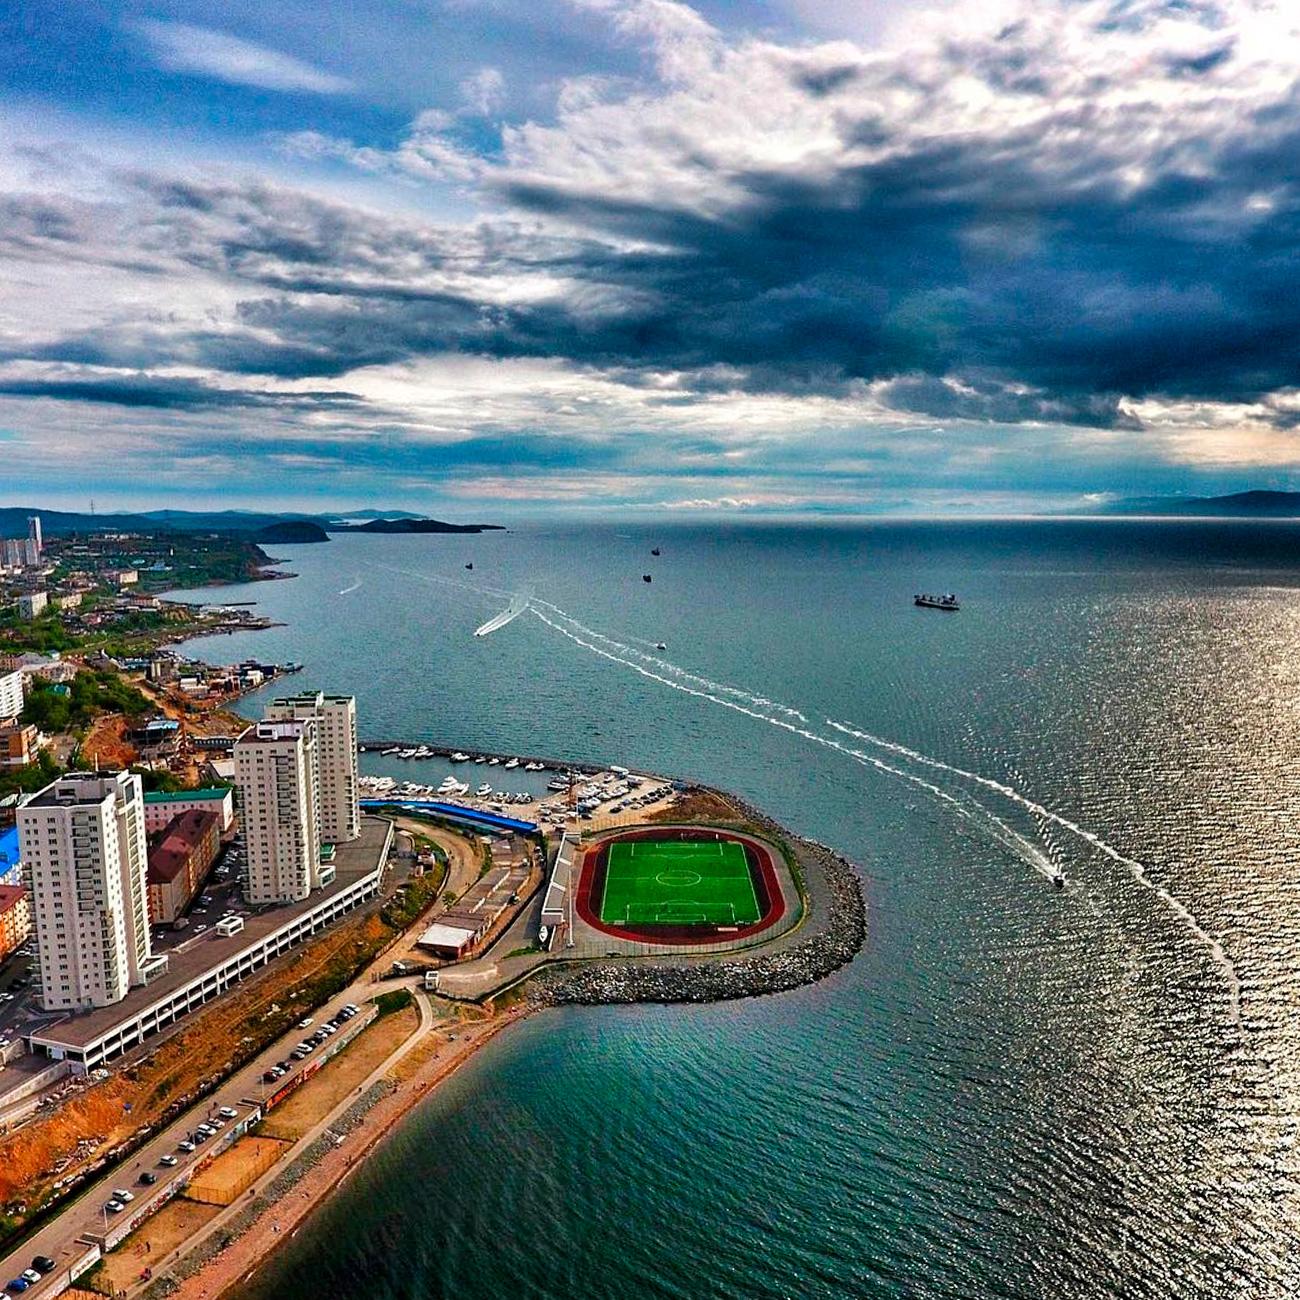 Гледајући из птичије перспективе, ивица Куперовог Рта где је стадион саграђен, подсећа на зелену тачку која раздваја воду Амурског залива од стамбених четврти Владивостока. Нови стадион окружен је са три стране водом.